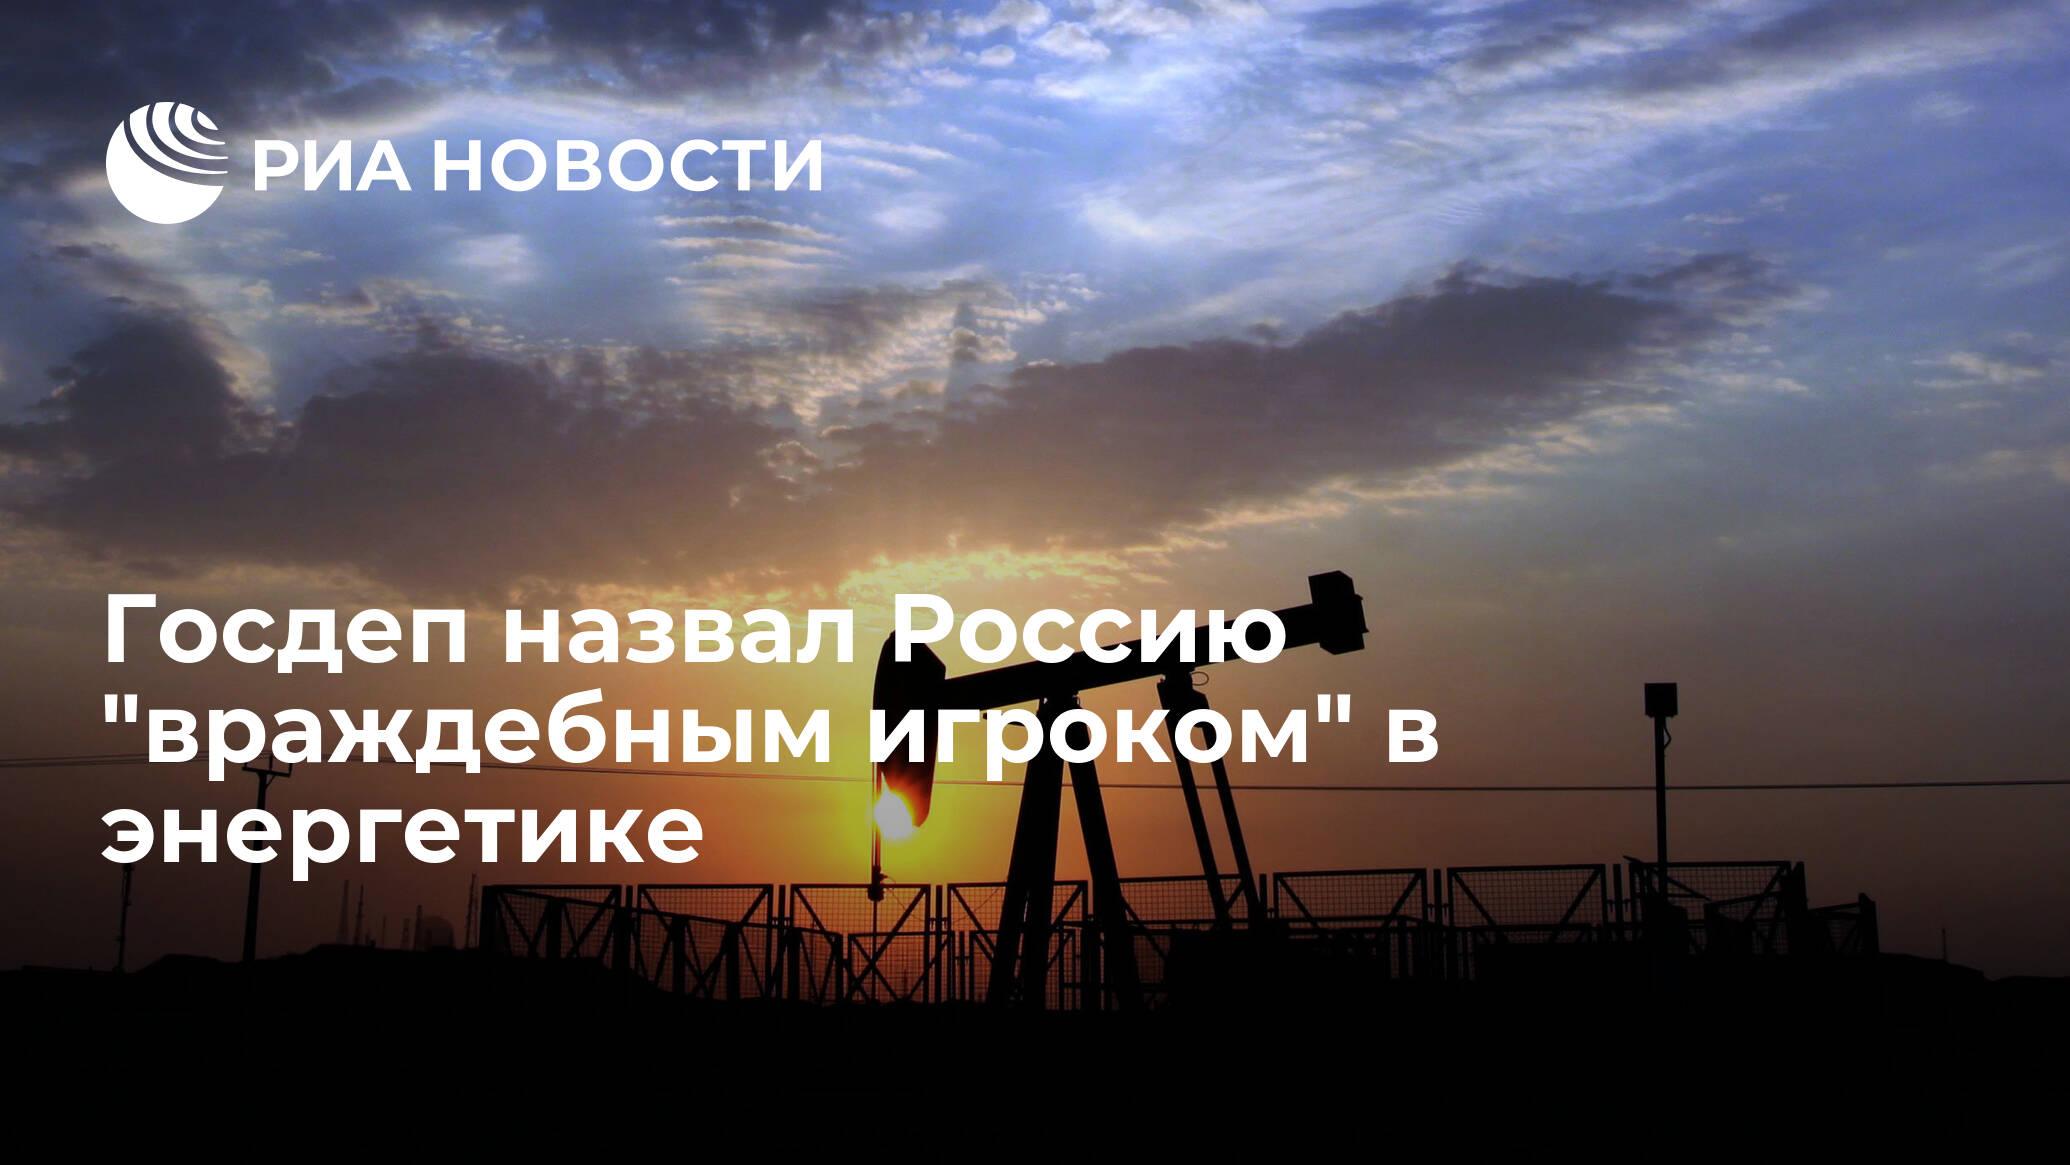 В Госдепе США заявили о враждебных действиях России в сфере энергетики [В Мире]